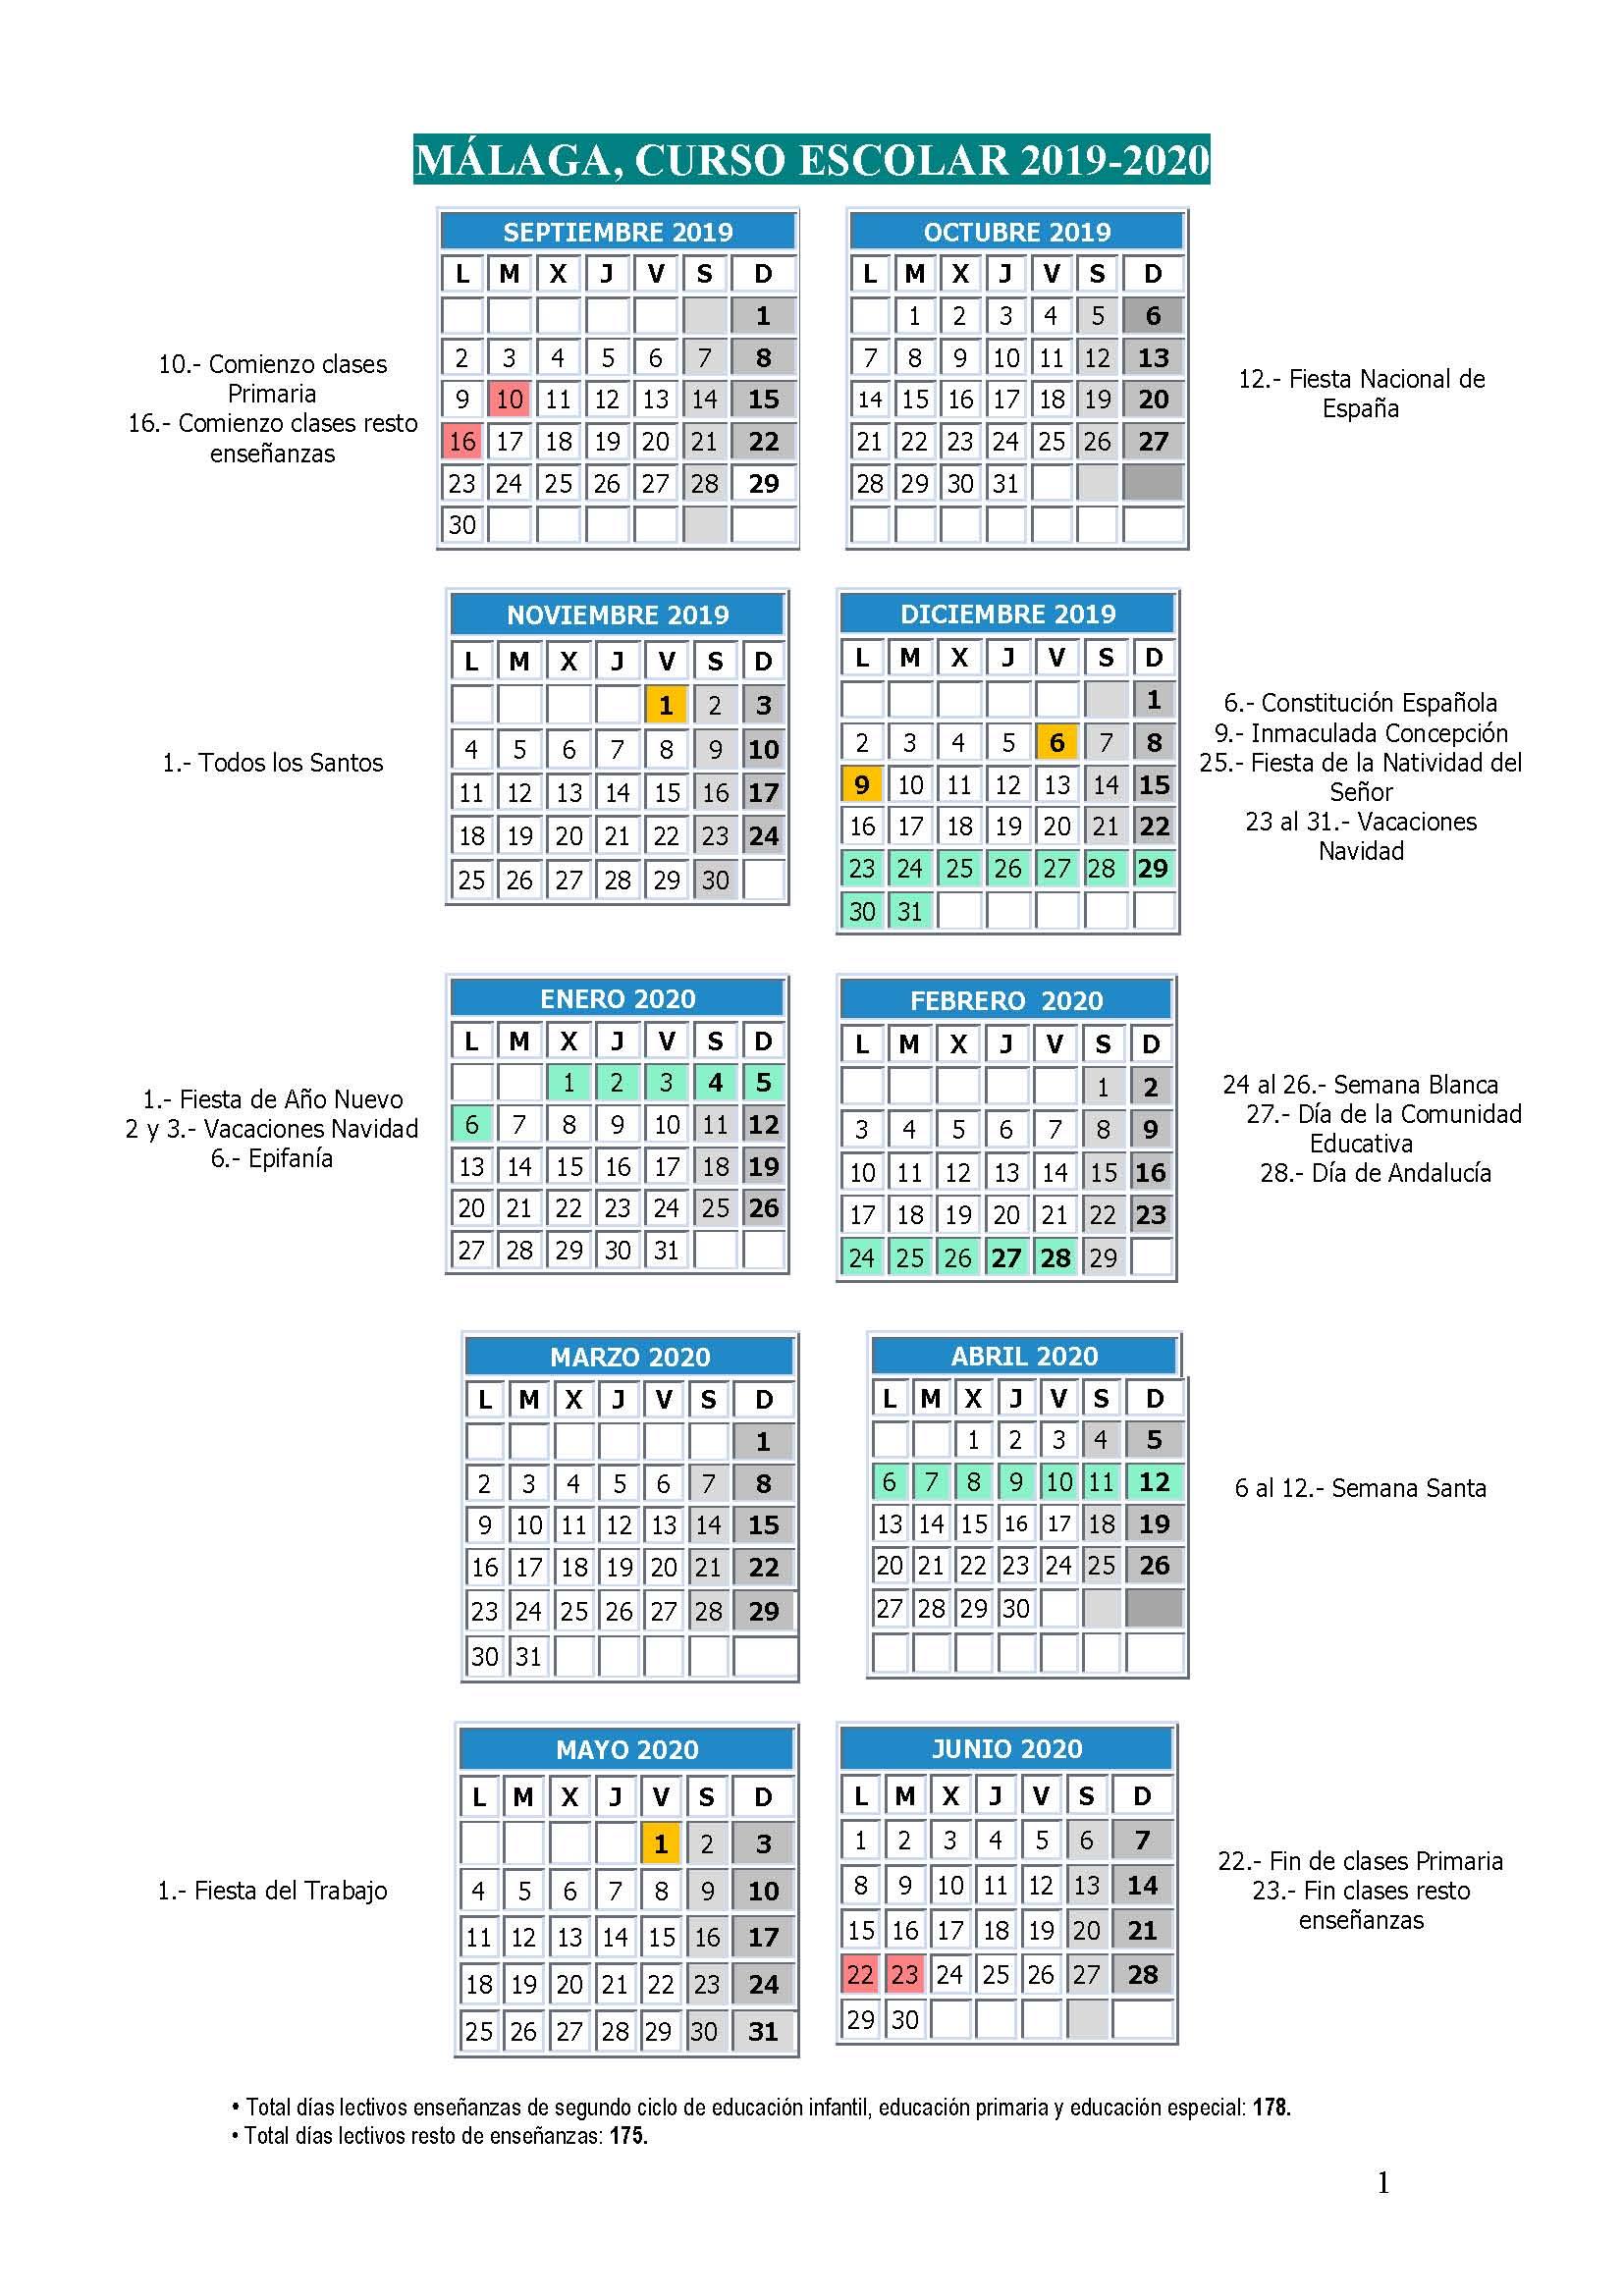 Imagen de la noticia: Calendario Escolar en Málaga para el curso 2019-2020